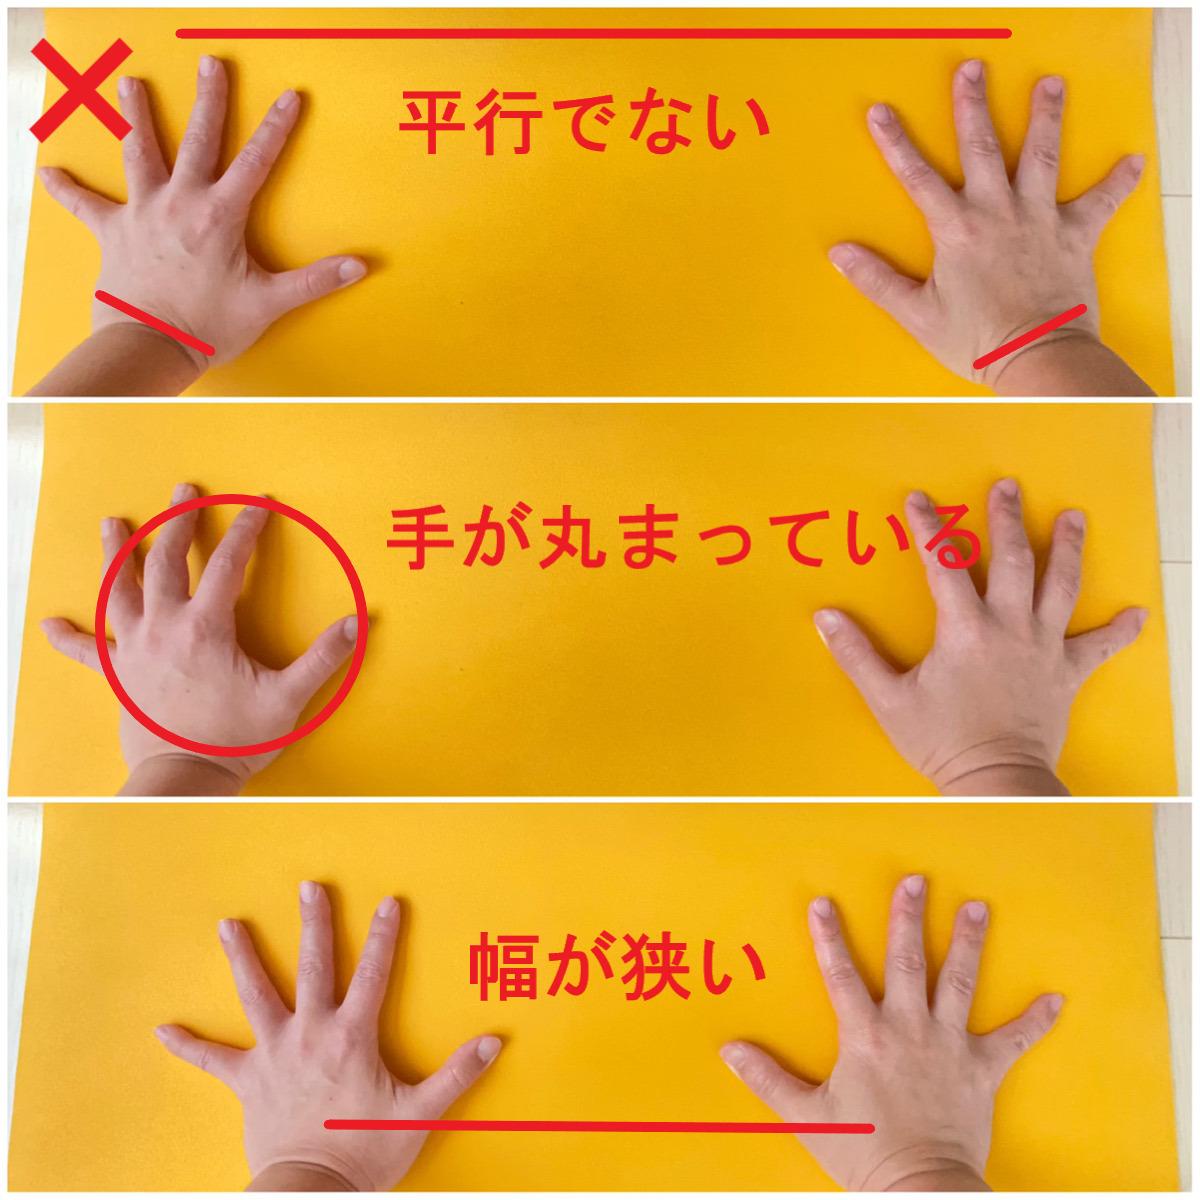 下向きの犬のポーズの手の付き方